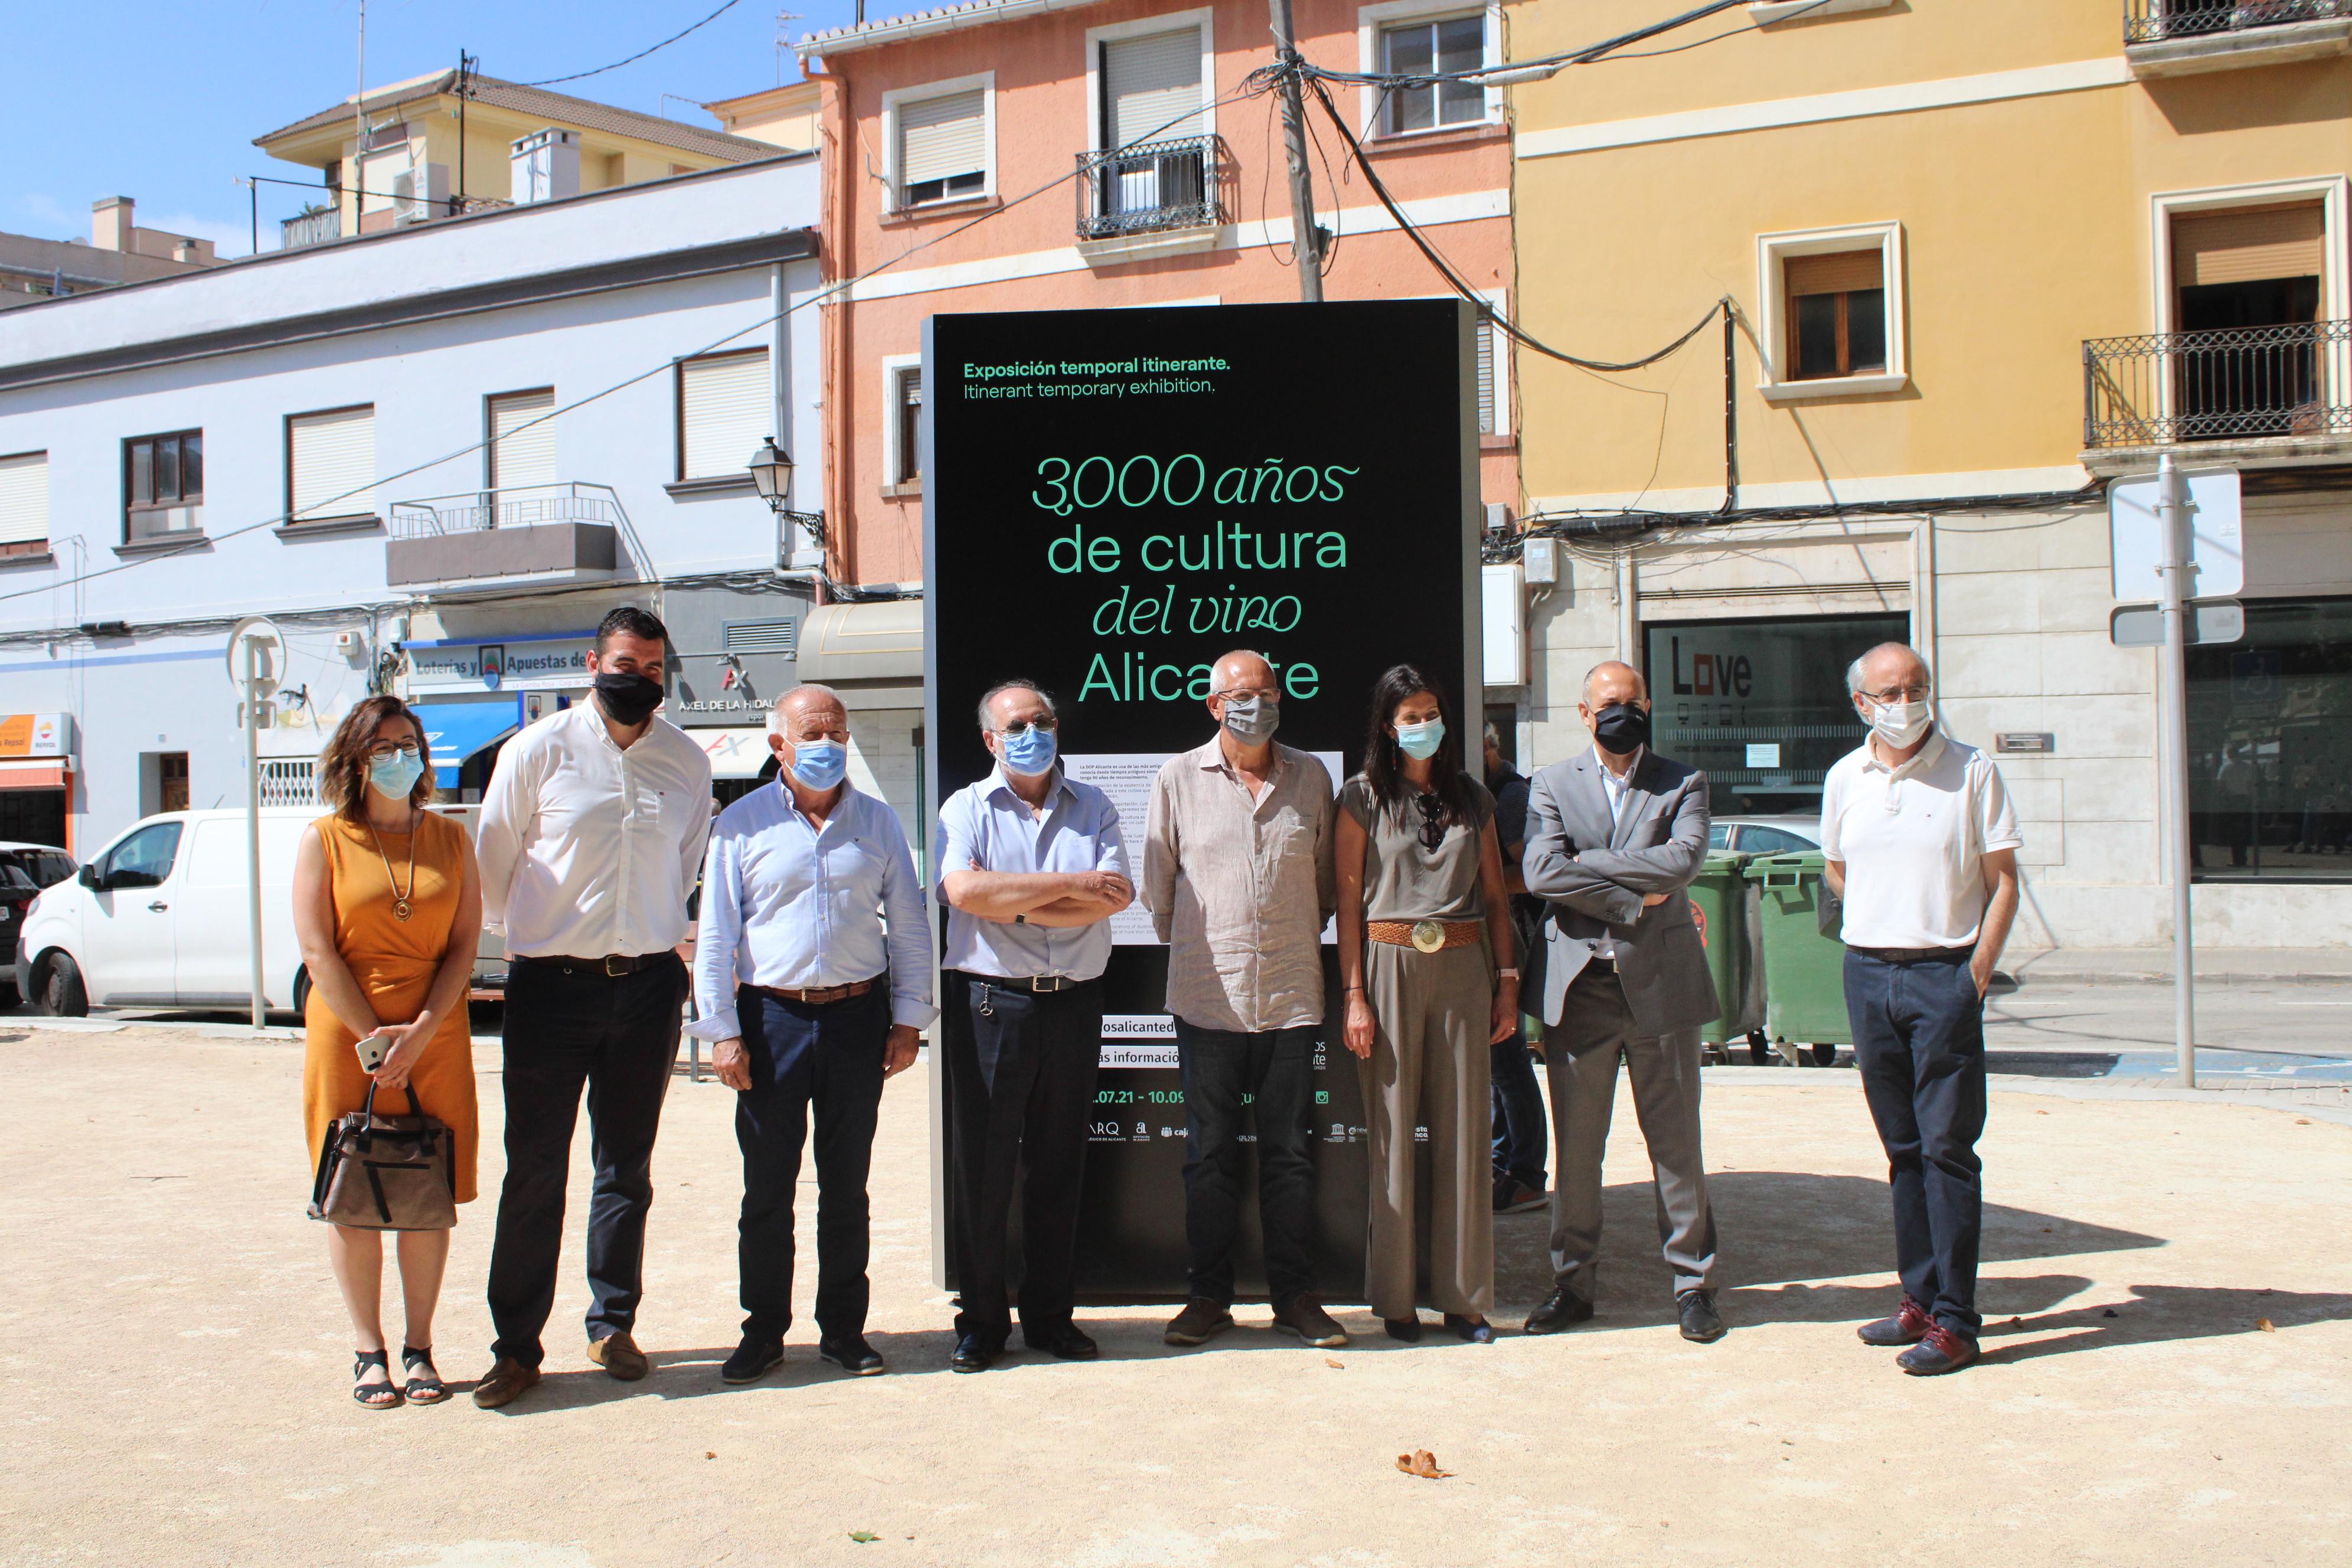 La exposición '3.000 años de cultura del vino', de la DOP Alicante, se presenta en D...